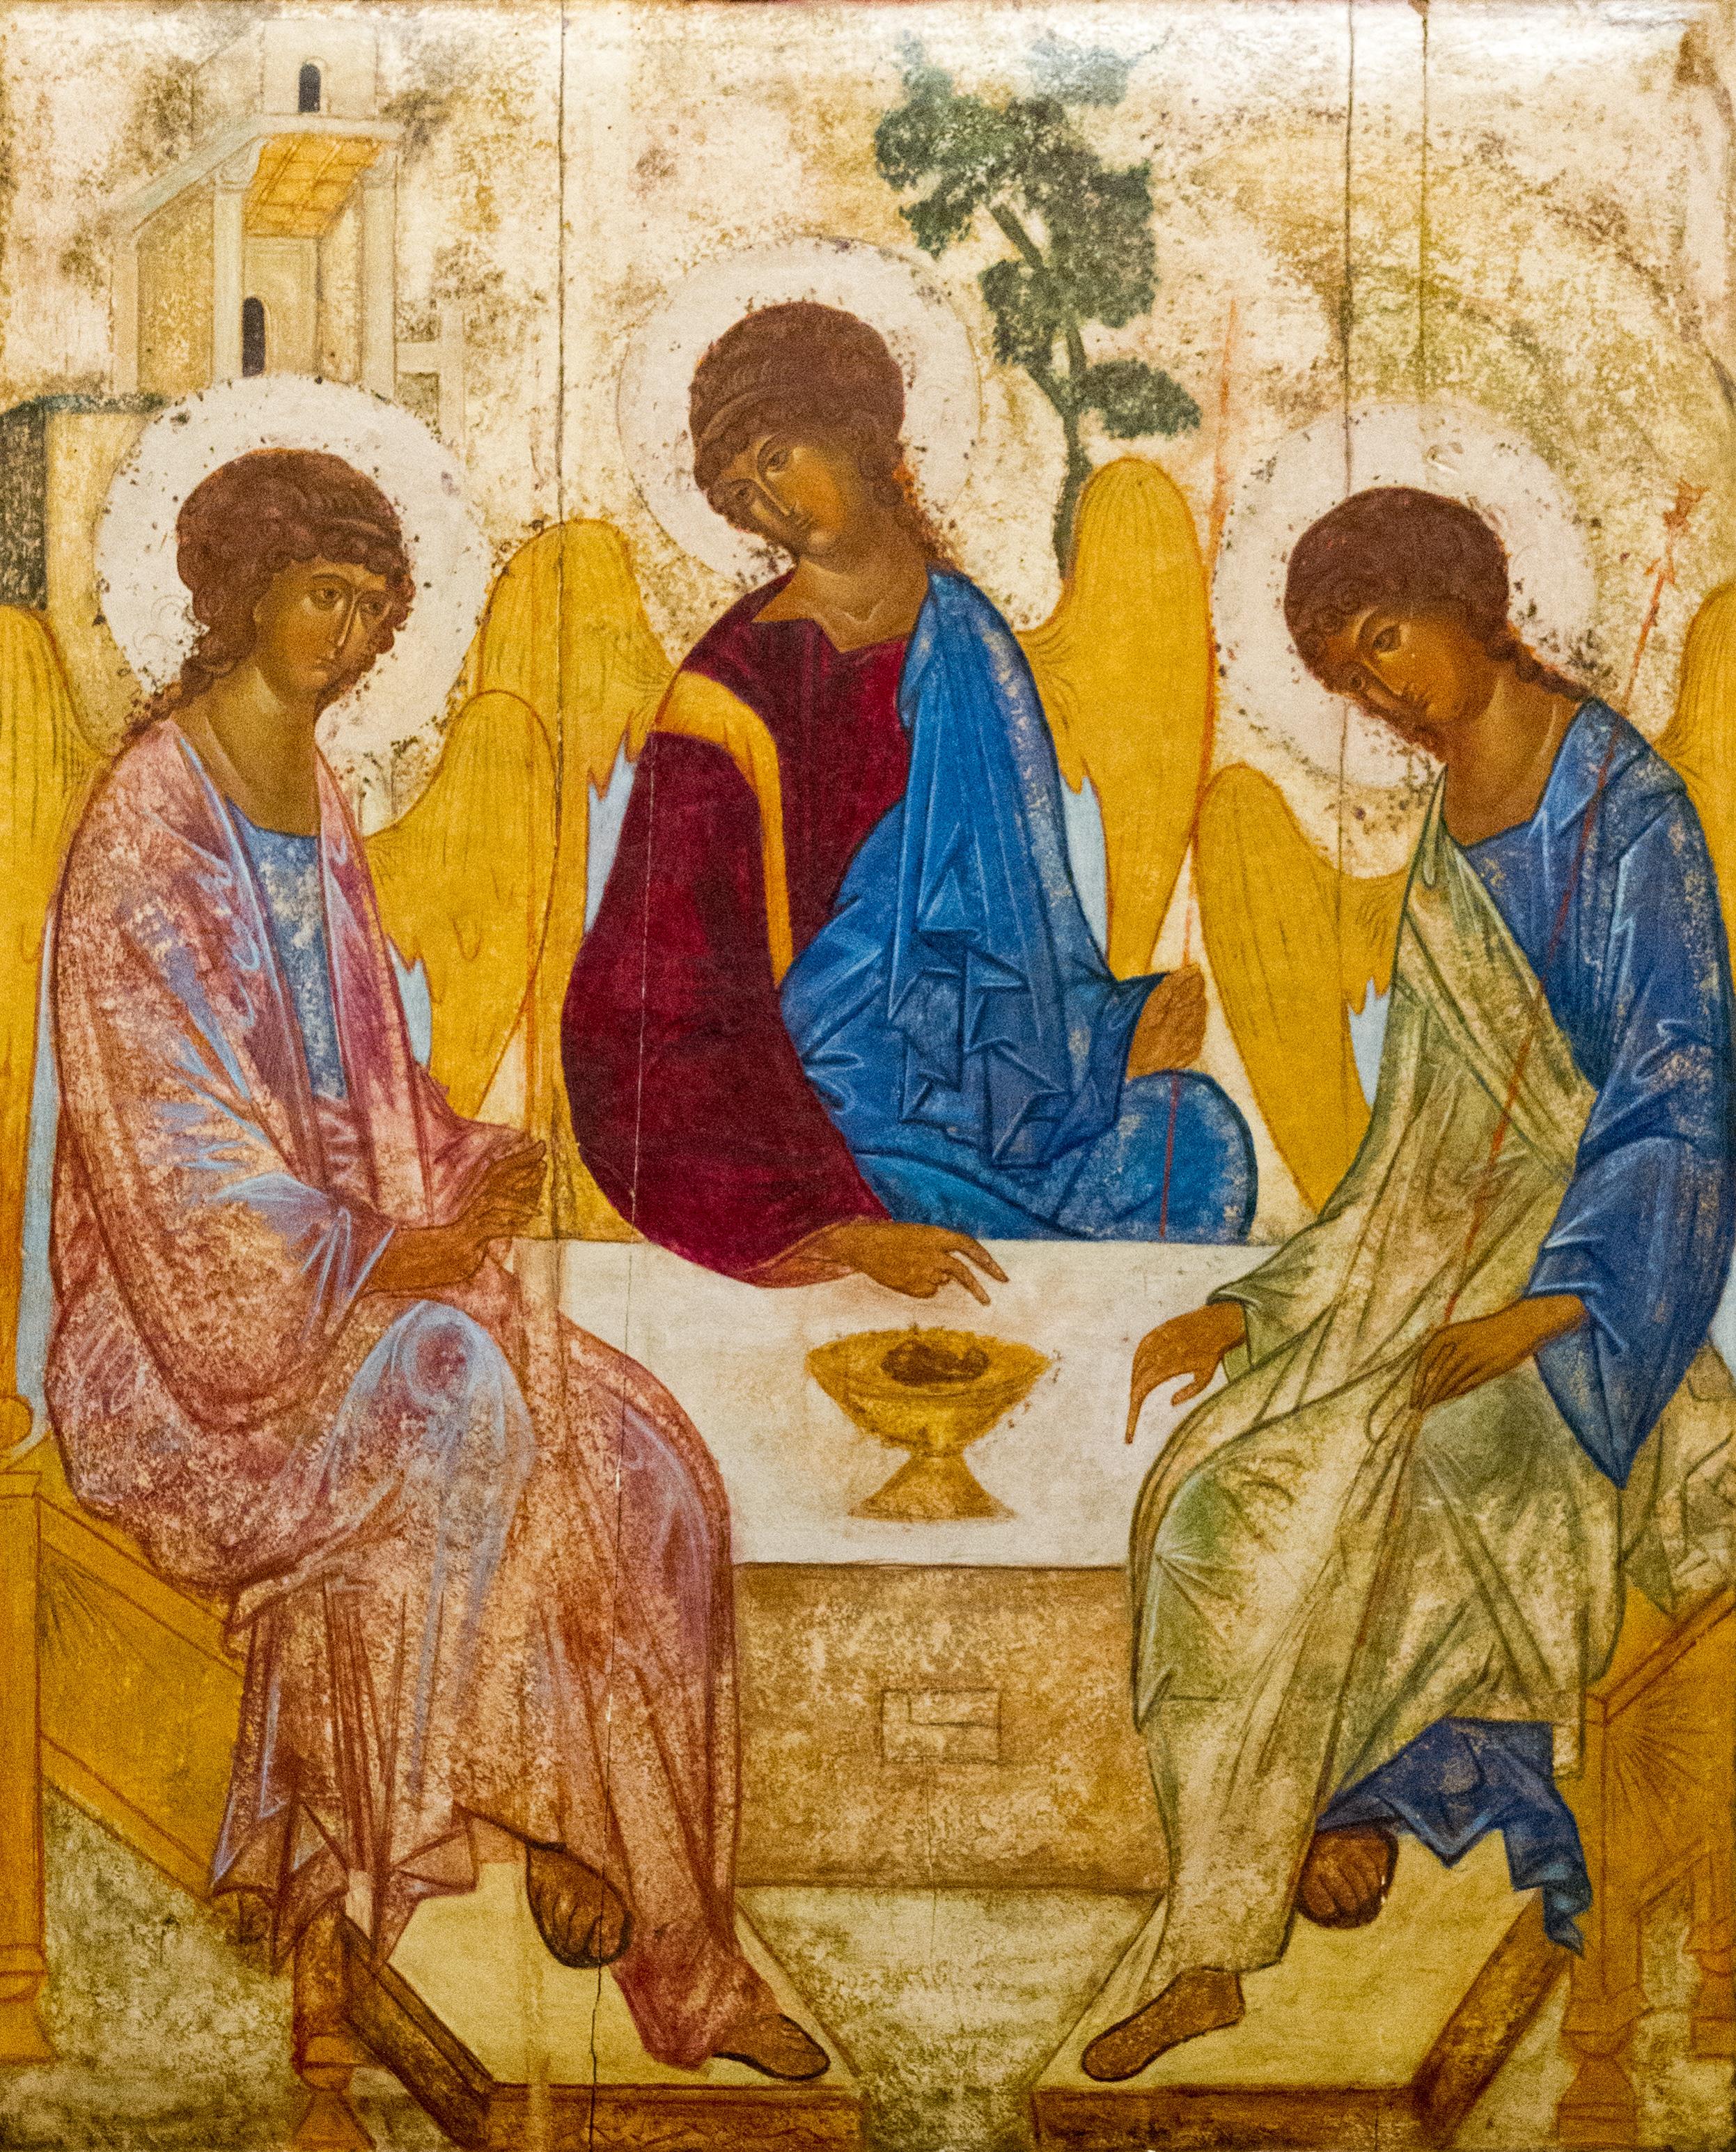 Trinity Sunday - The Rev. Keith Fallis